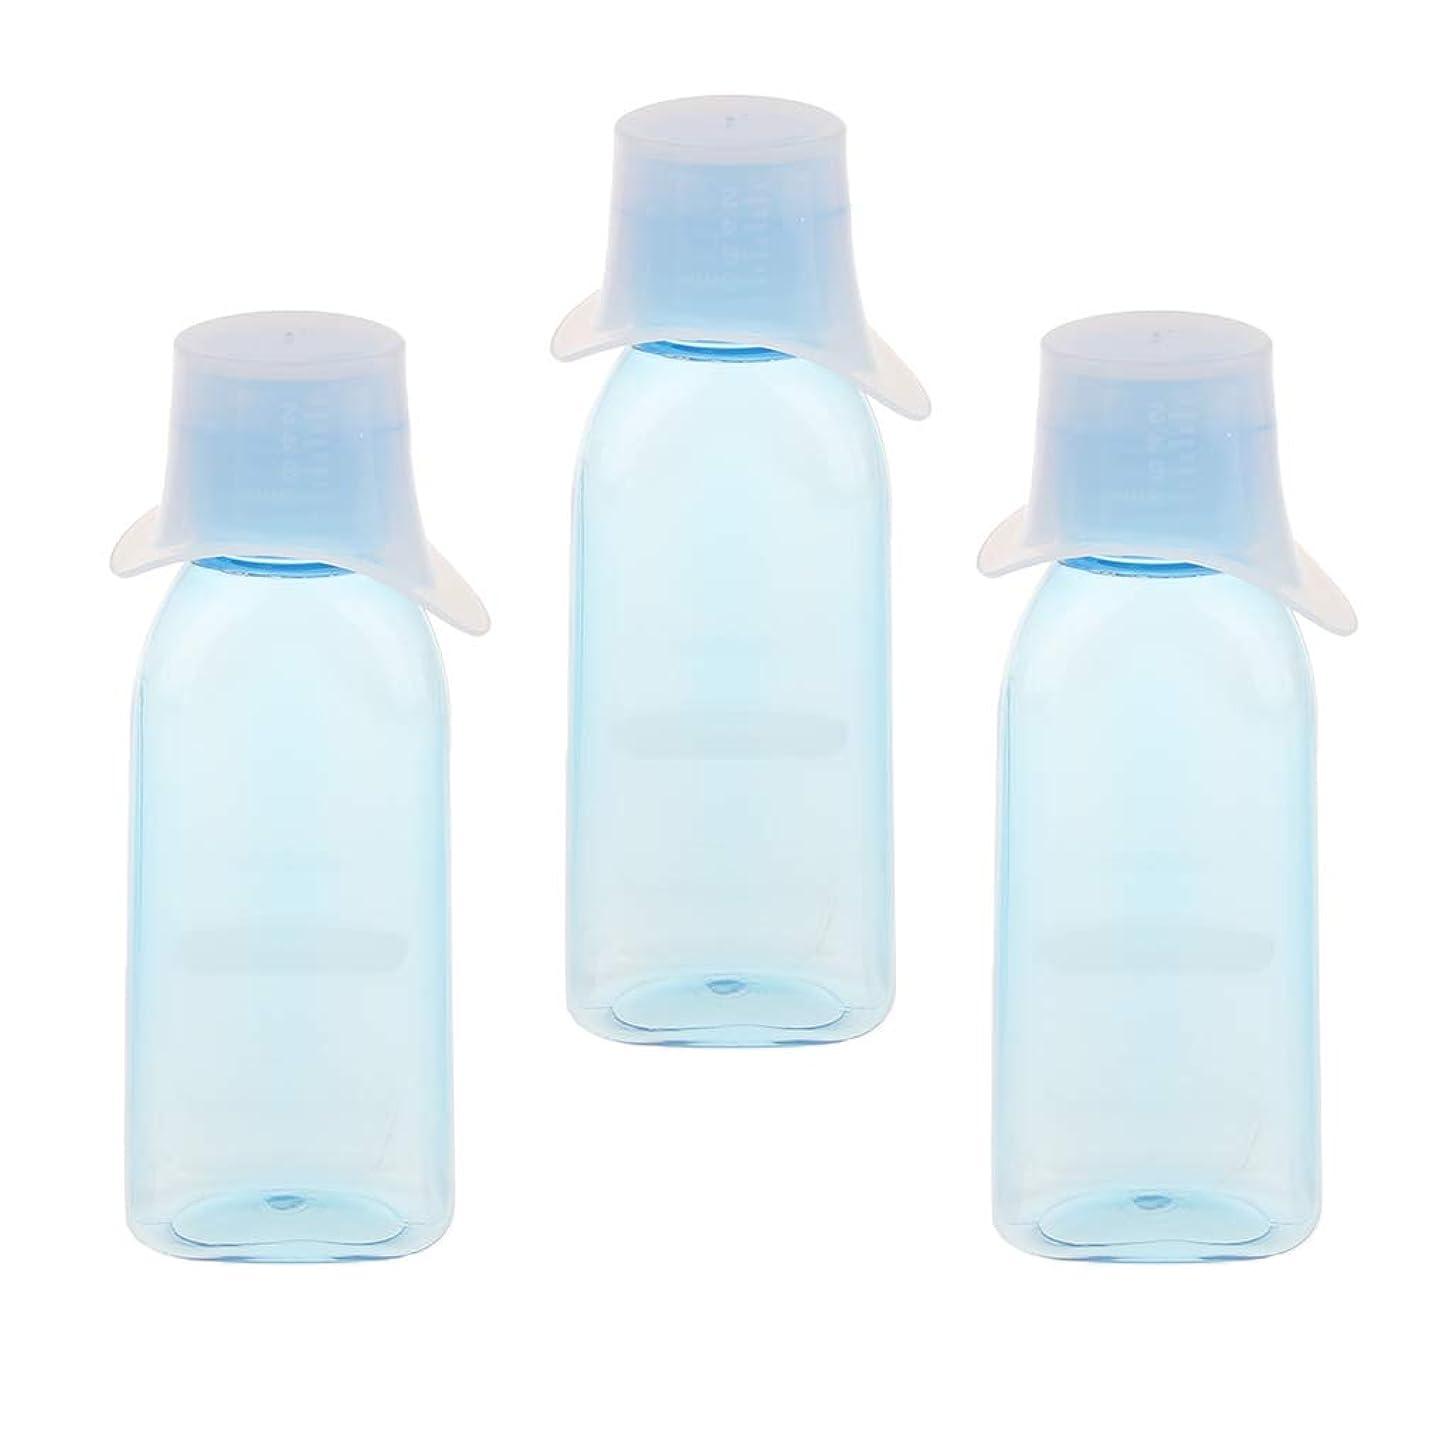 関数はぁ歌D DOLITY 3本 アイウォッシュカップ 洗眼容器 プラスチックボトル 漏れ防止 詰替えボトル